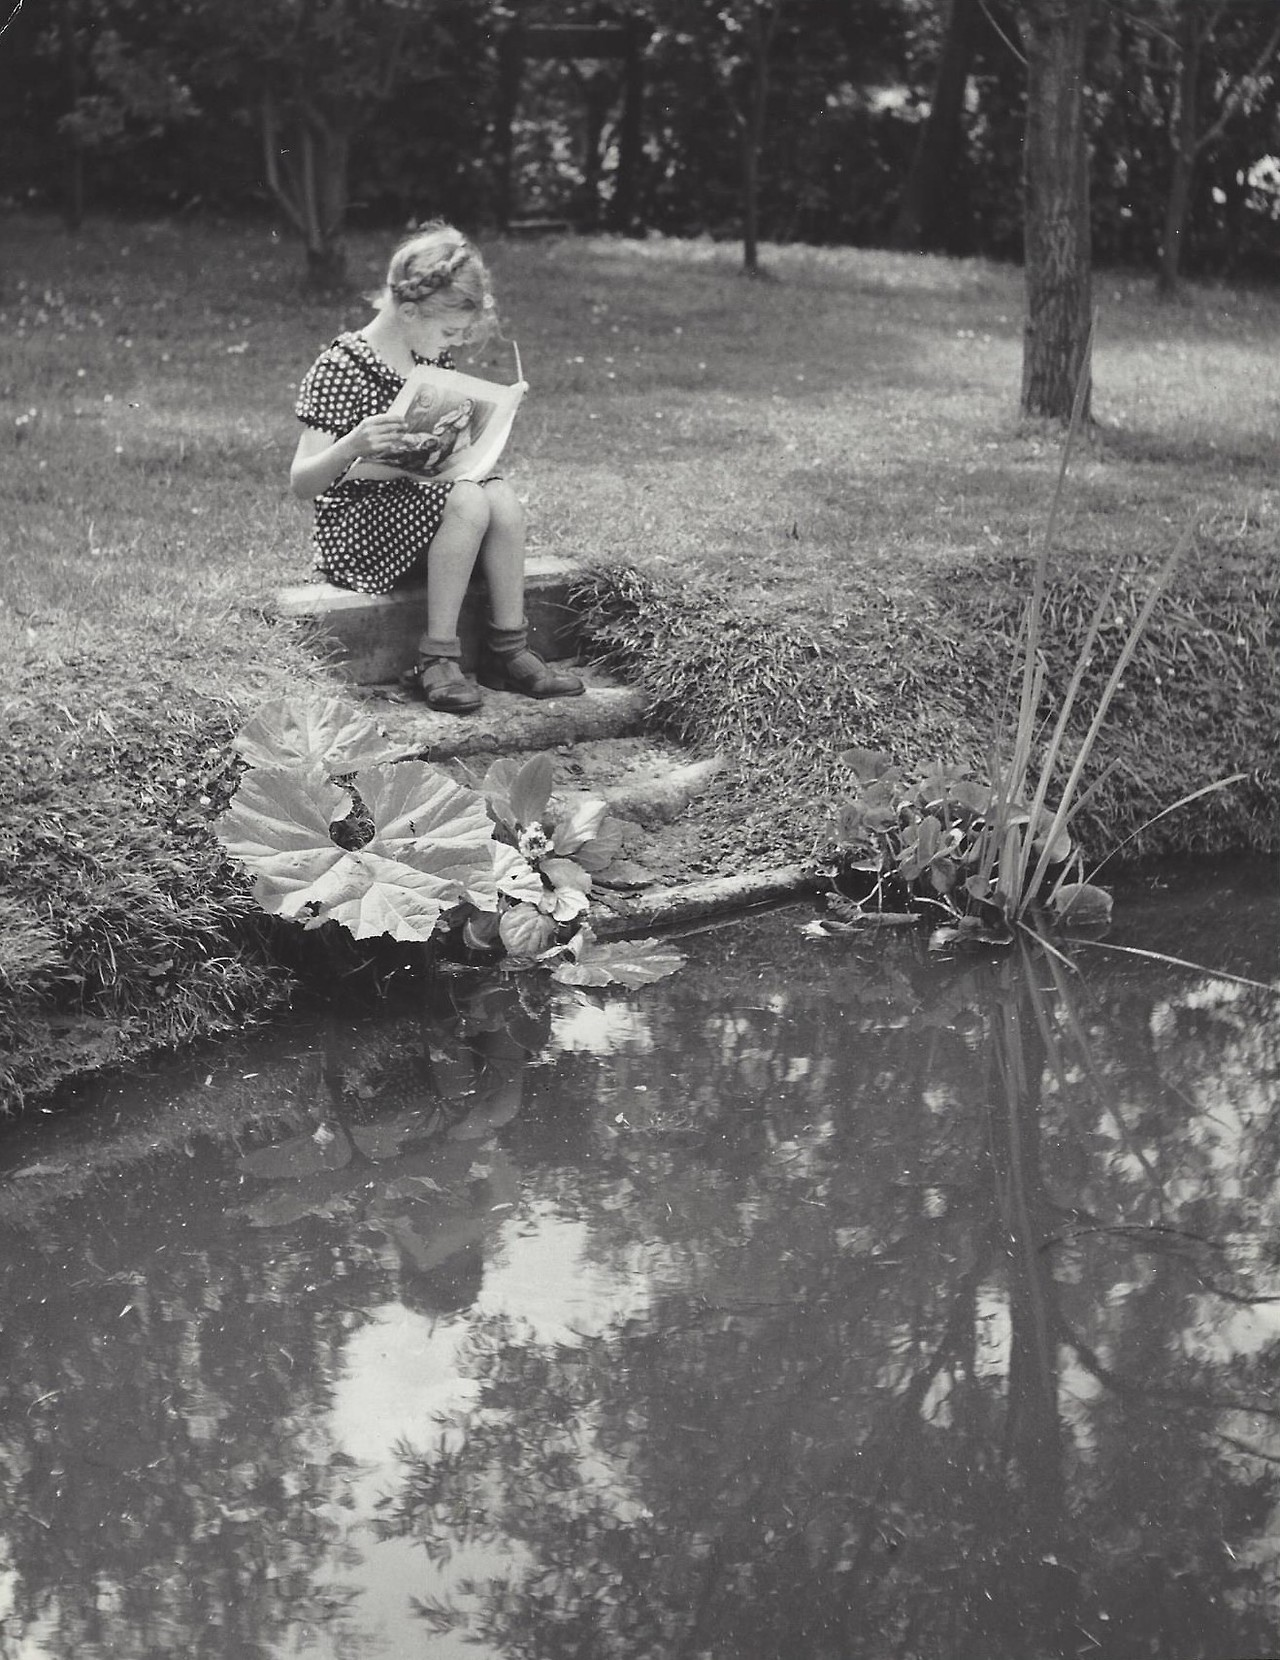 Читающая девочка, Нидерланды, 1950-е. Фотограф Кис Шерер